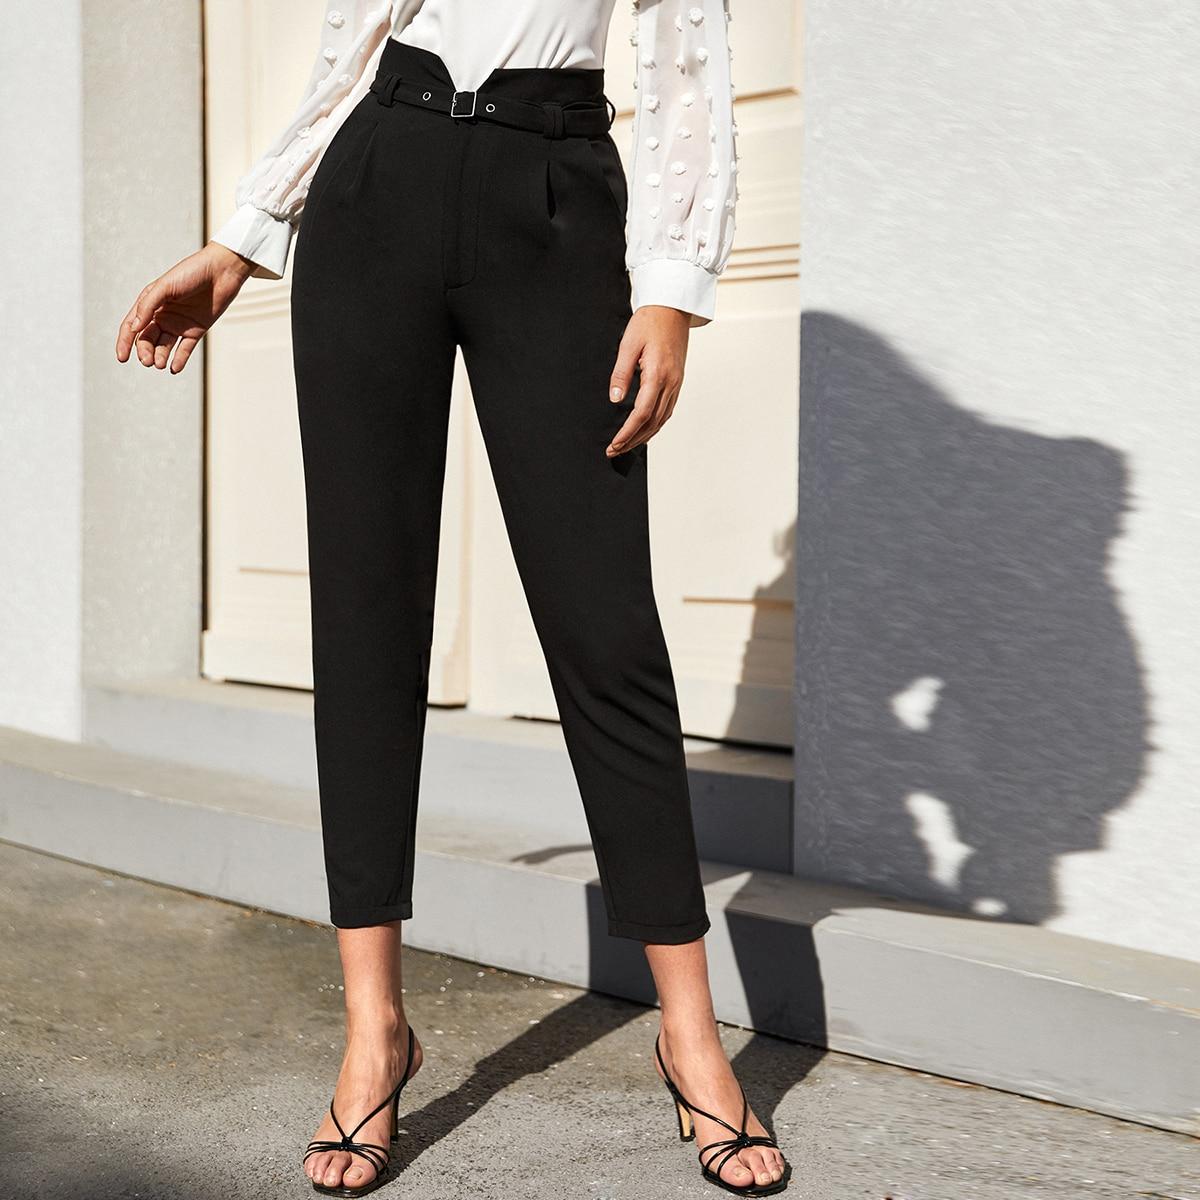 SHEIN / Pantalones cortos con cinturón de cintura alta unicolor